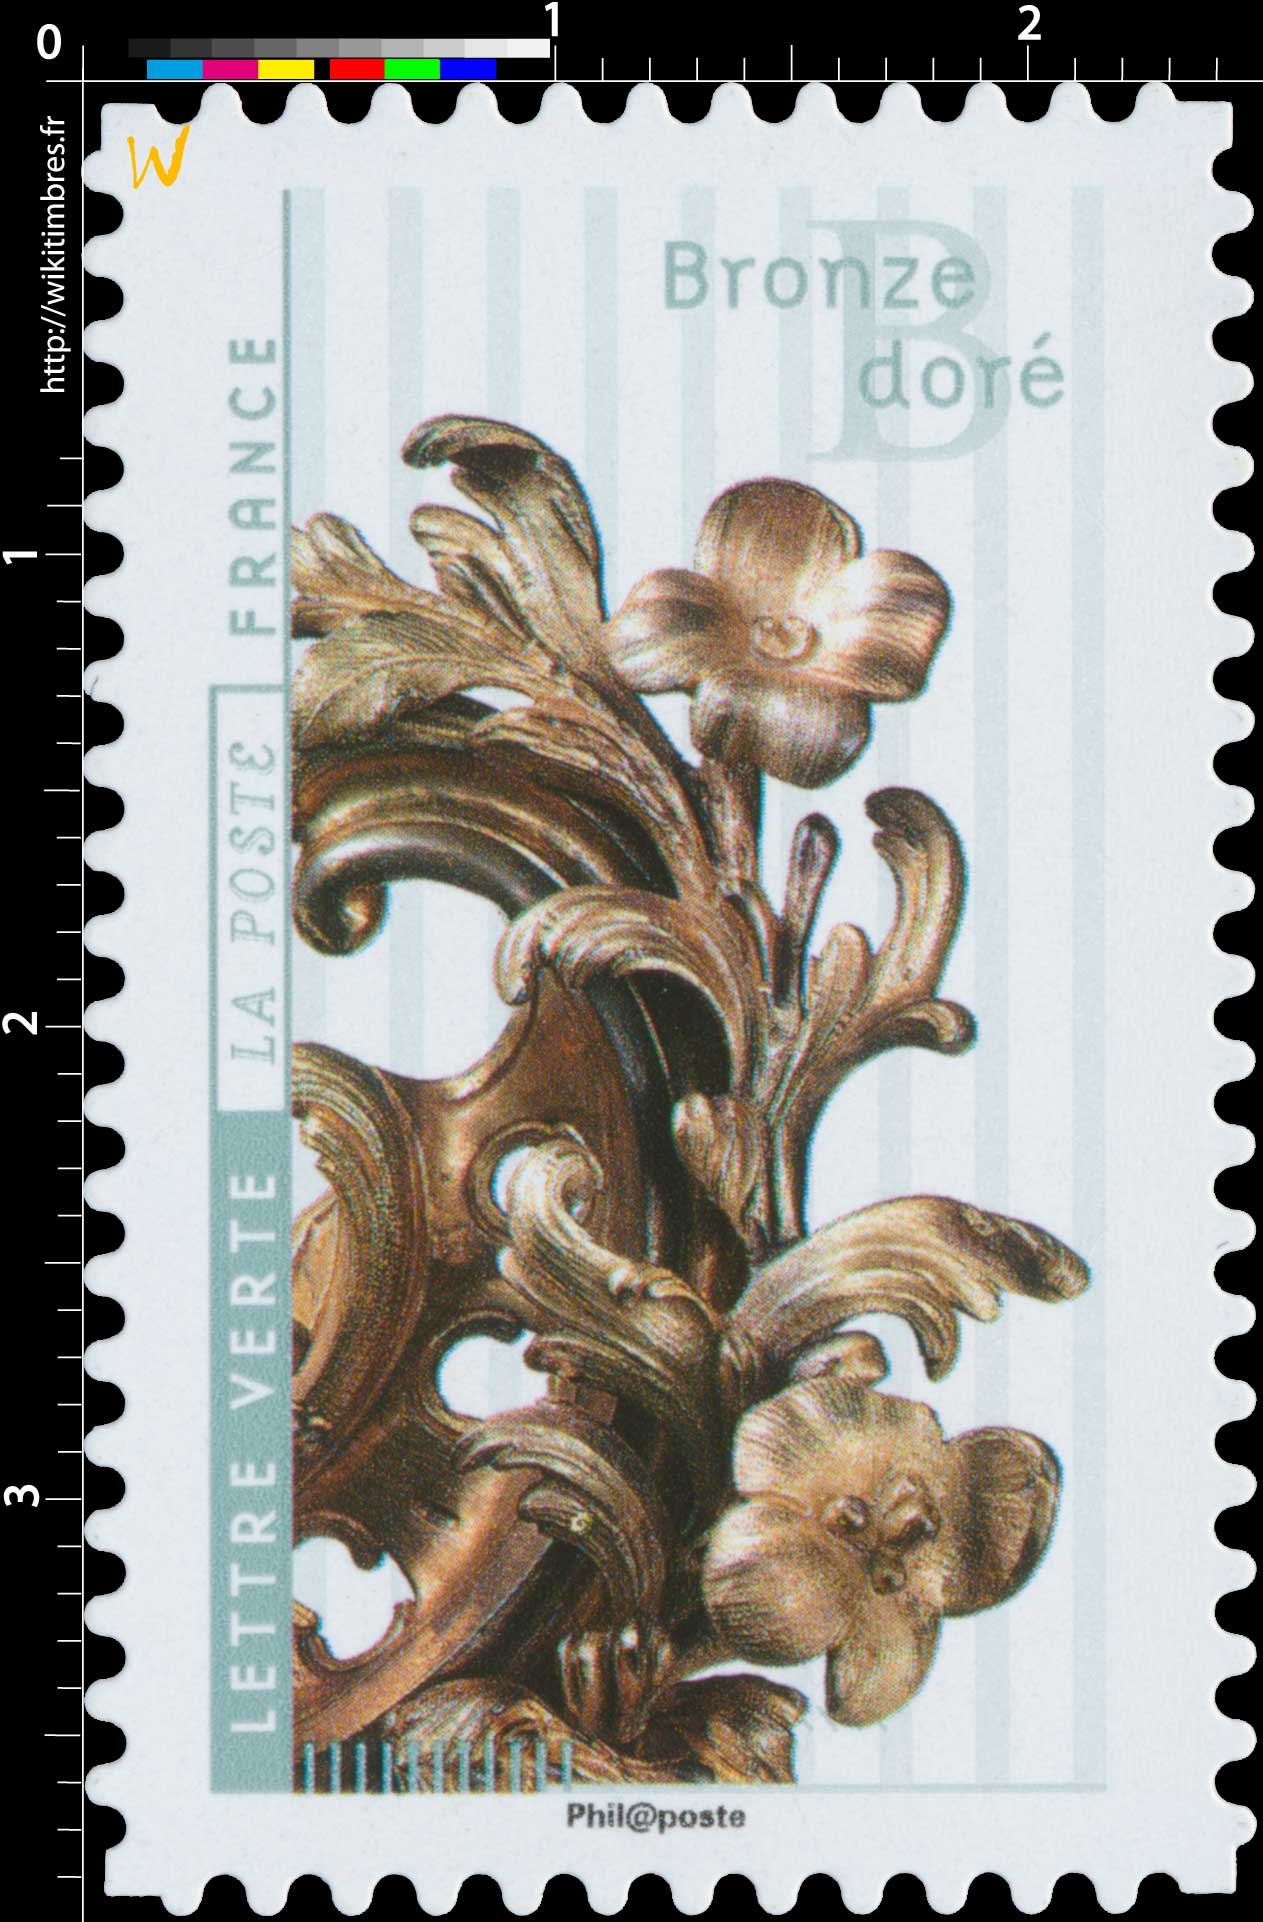 2017 Bronze doré